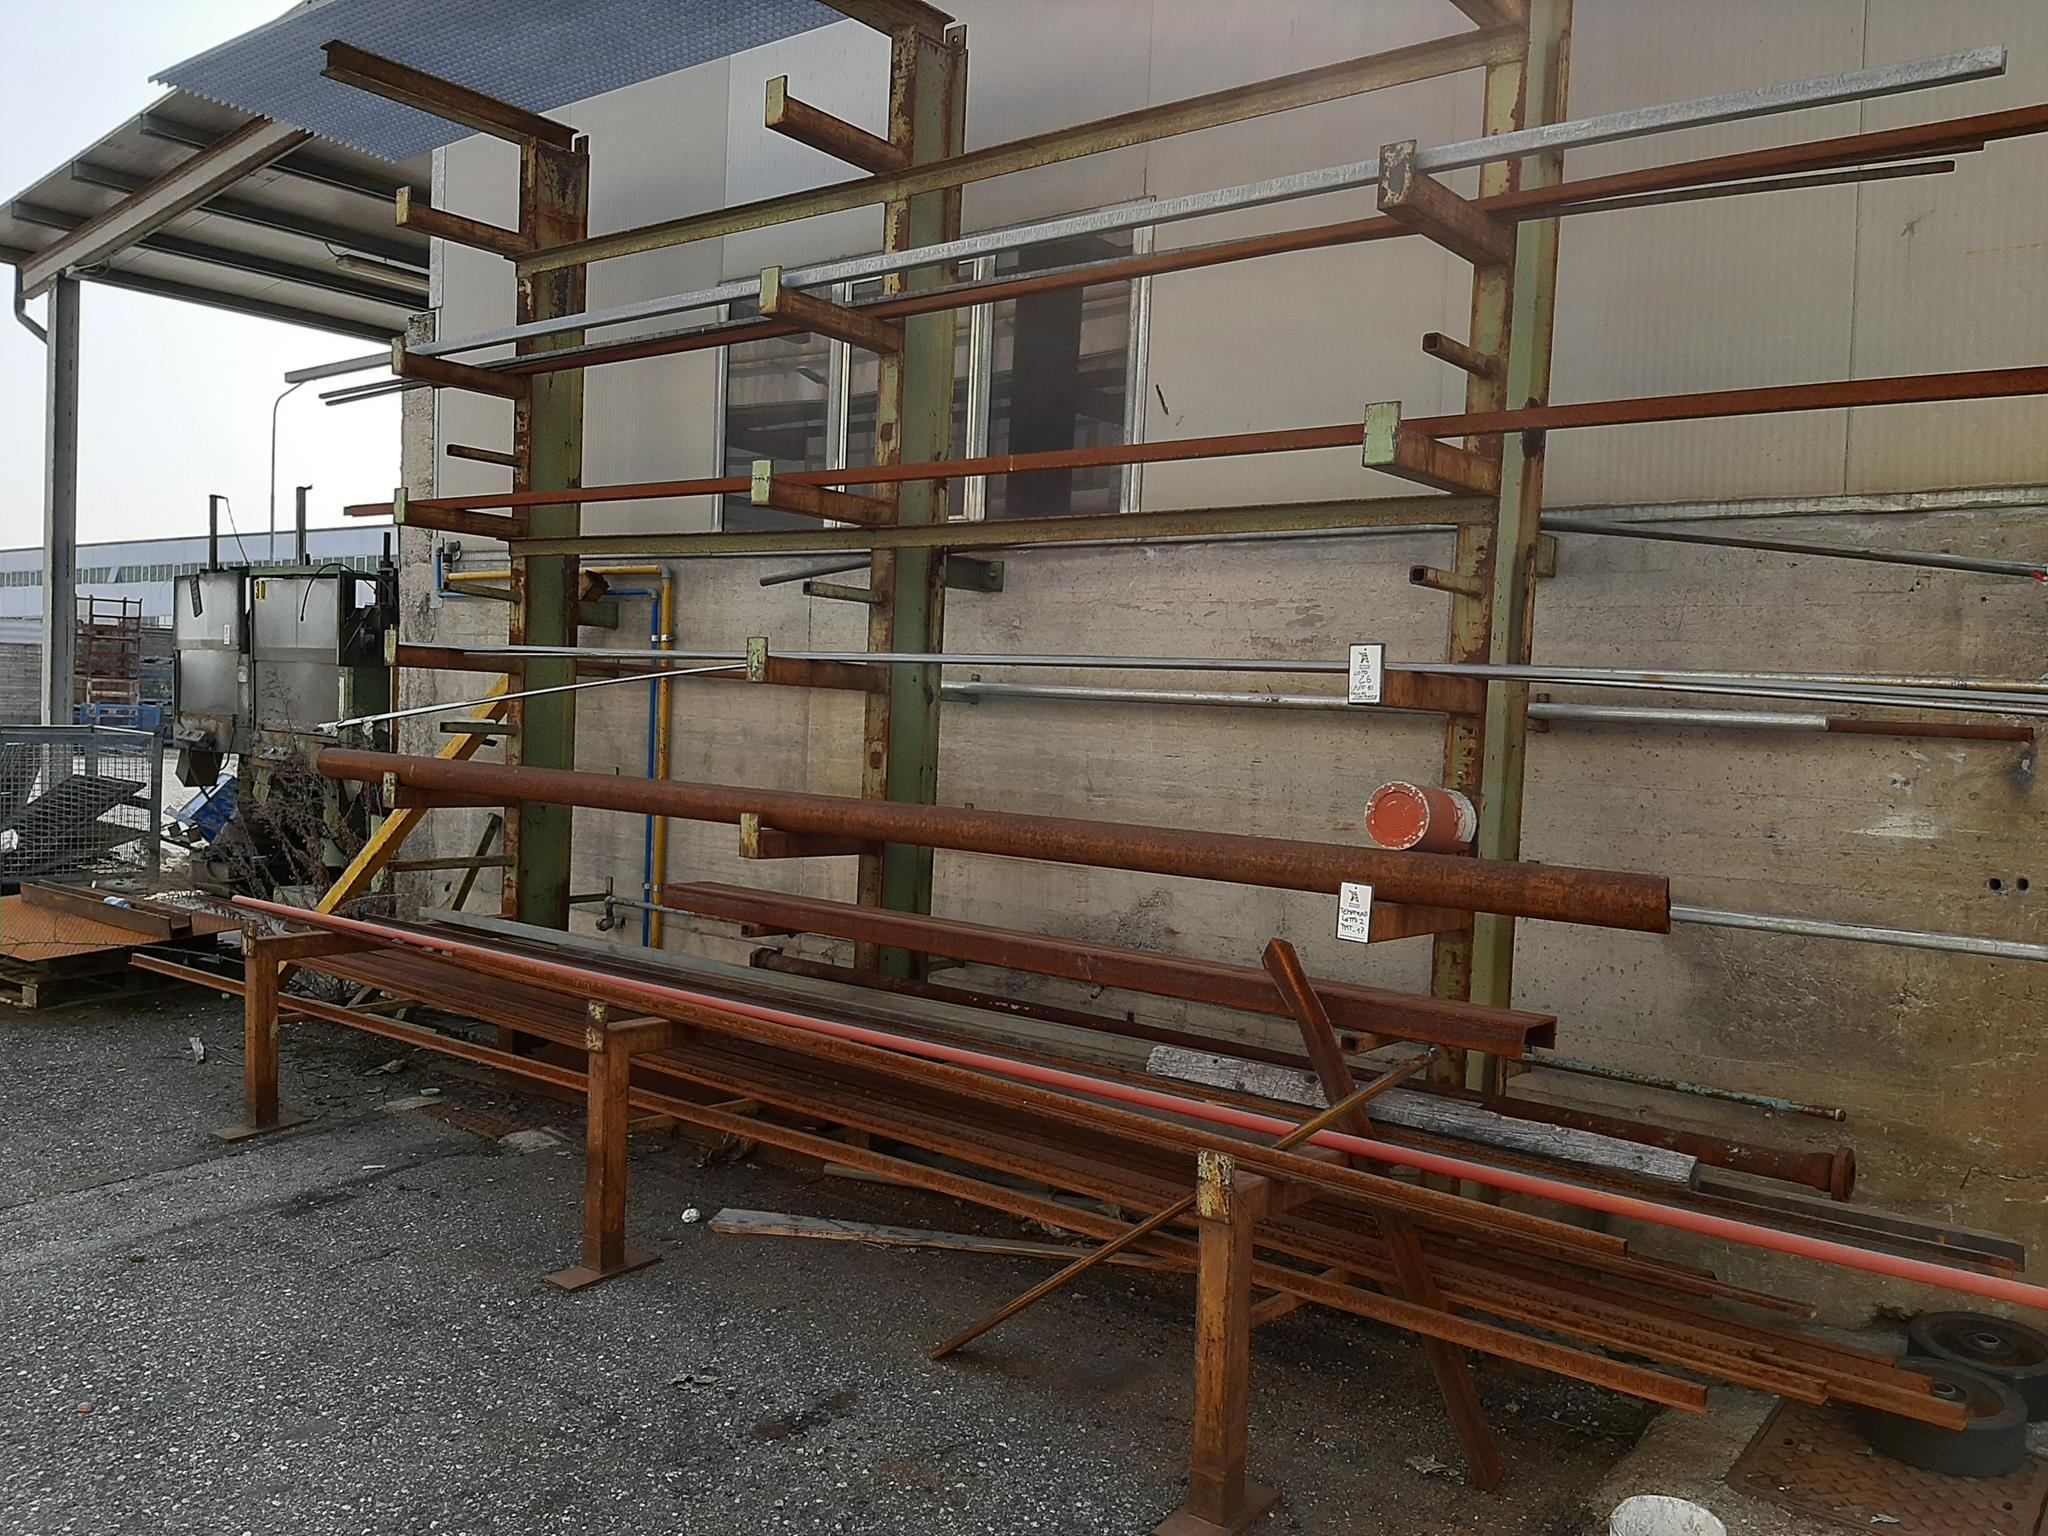 Trapano radiale Itama e materiale ferroso vario in vendita - foto 1